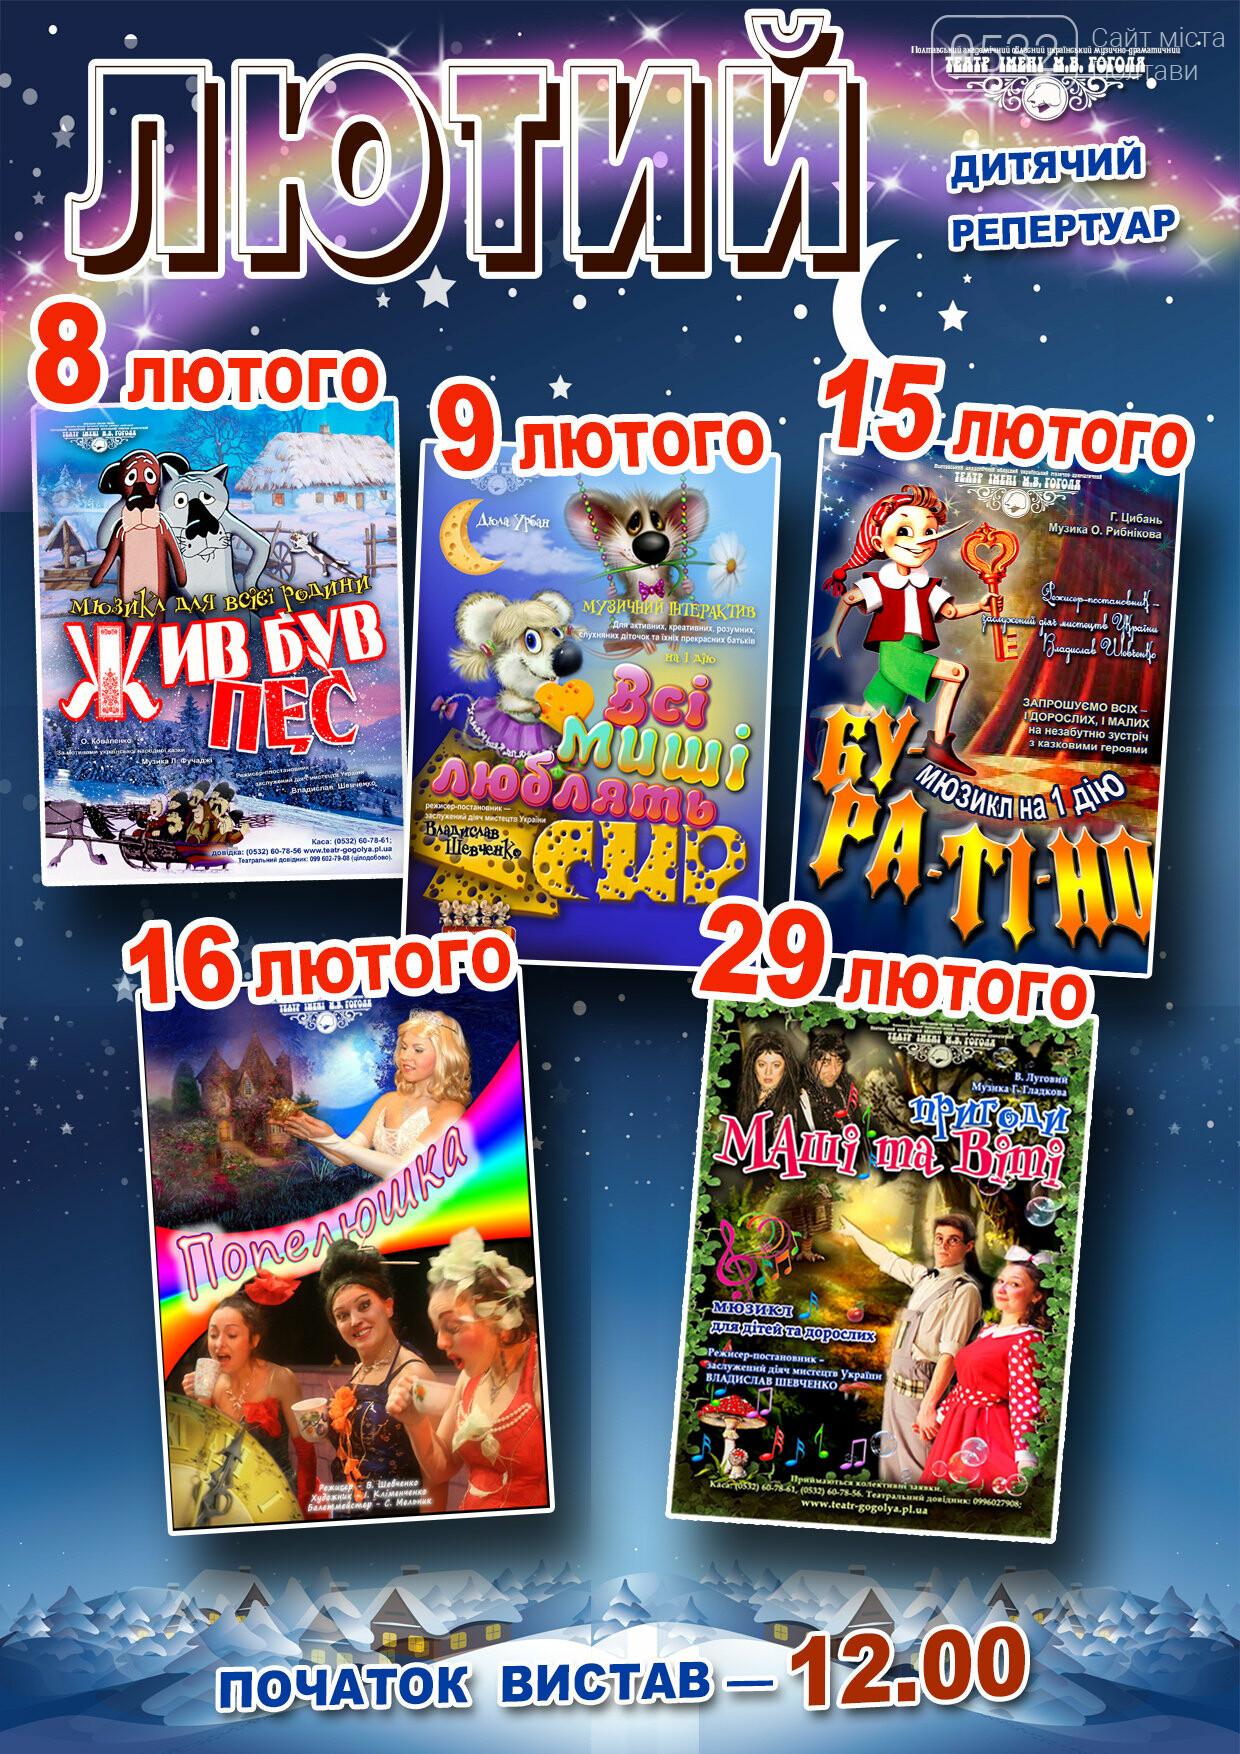 Полтавська театральна афіша лютого: для дорослих і дітей, фото-2